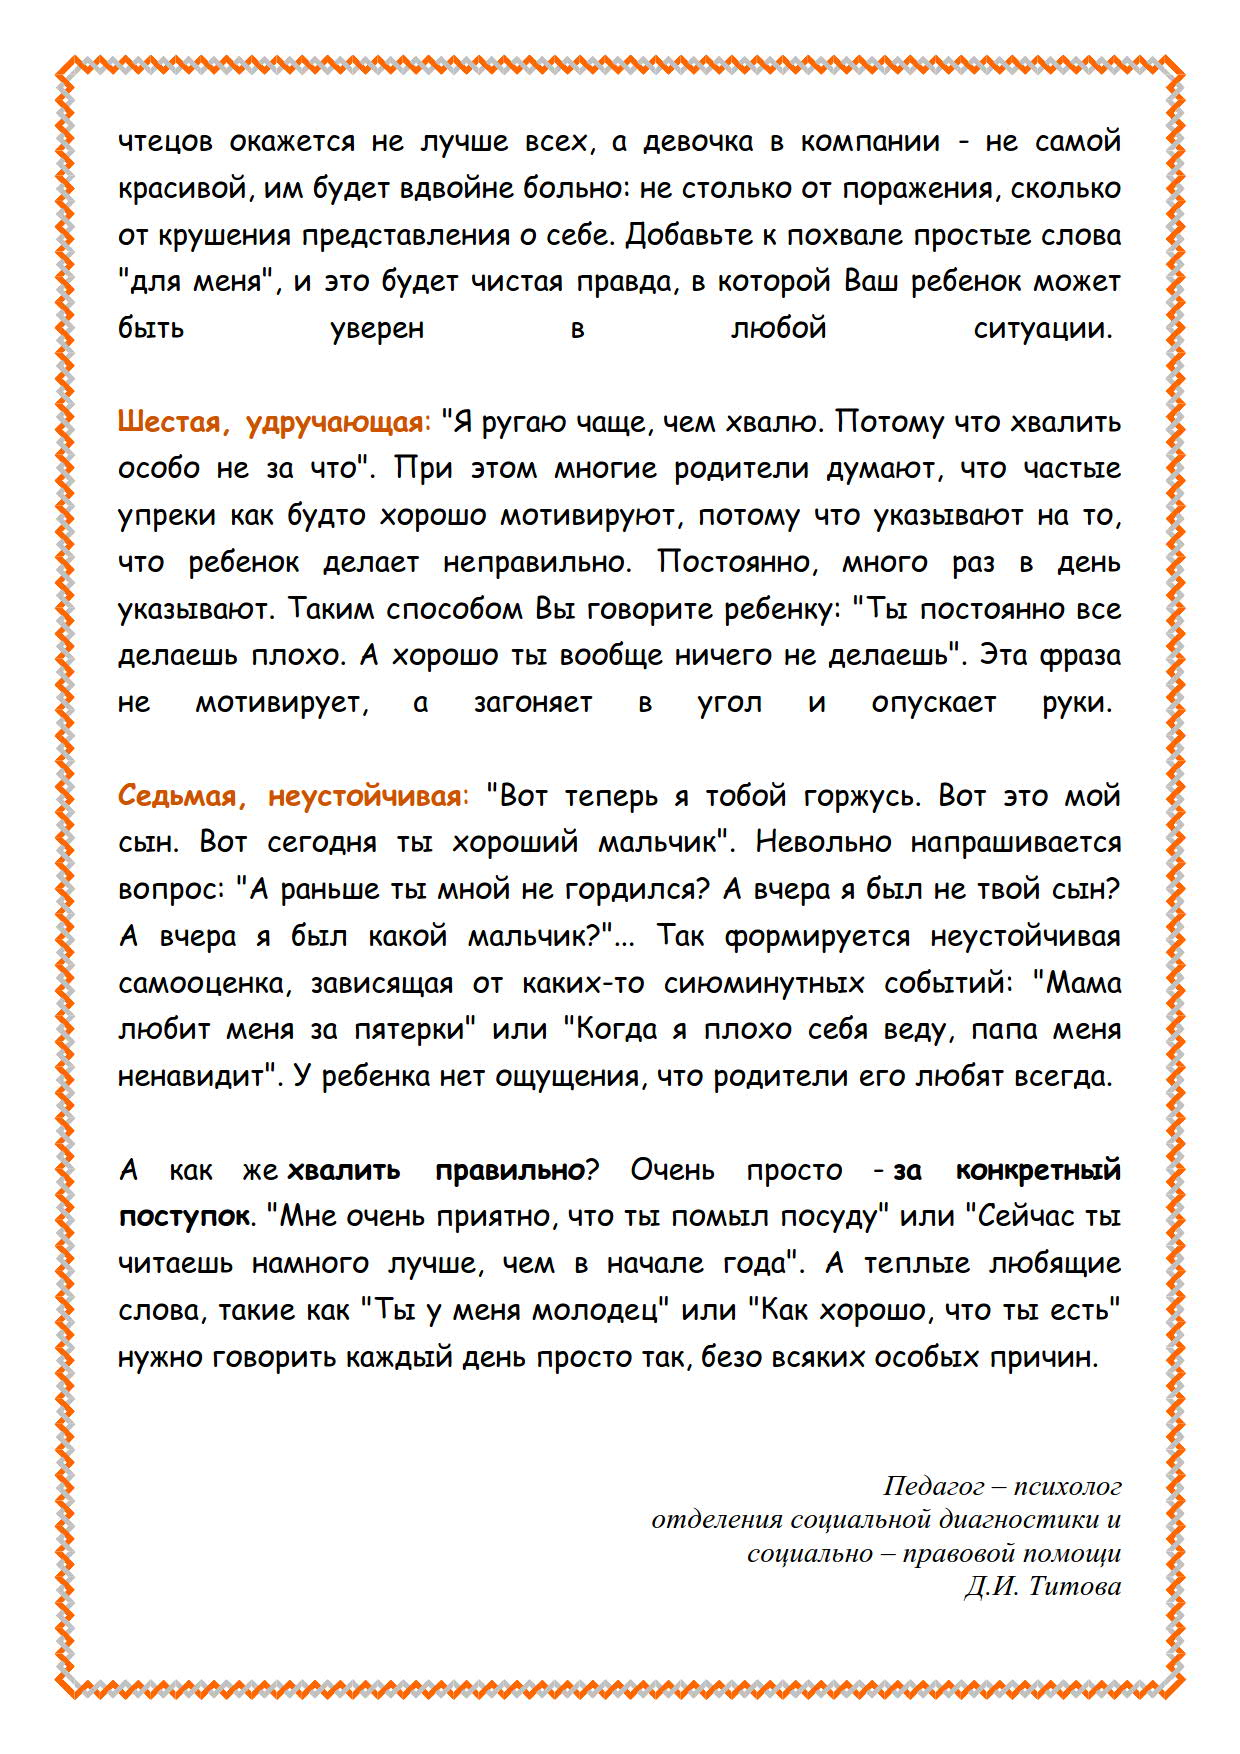 ПЕДАГОГ - ПСИХОЛОГ РЕКОМЕНДАЦИИ 7 неправильных способов похвалить ребенка_3